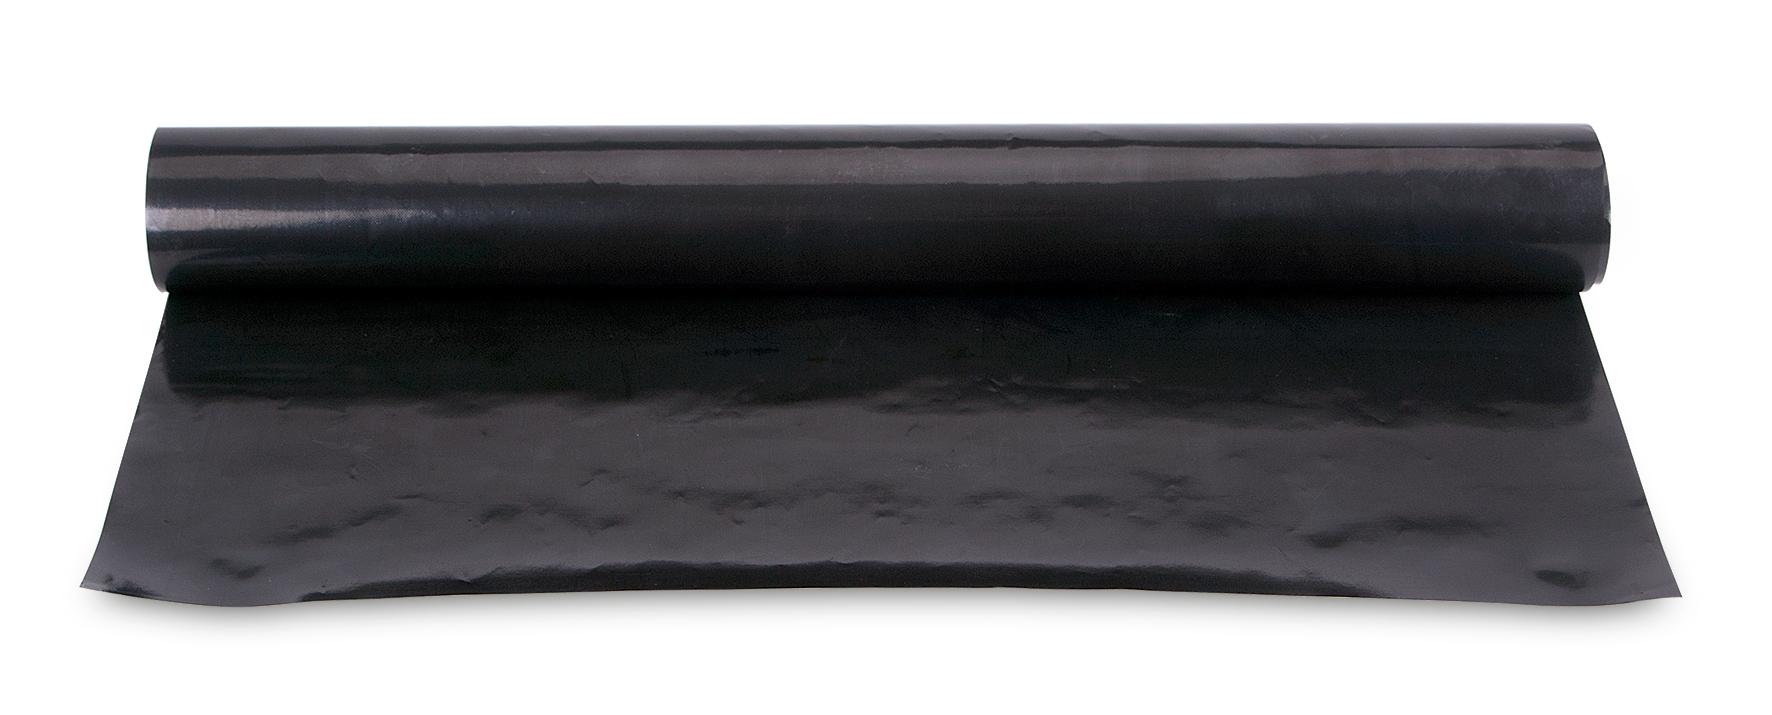 Städter - 'BACKZUBEHÖR-Permanent-Backofen-Schutzmatte 50 x 45 cm Schwarz'